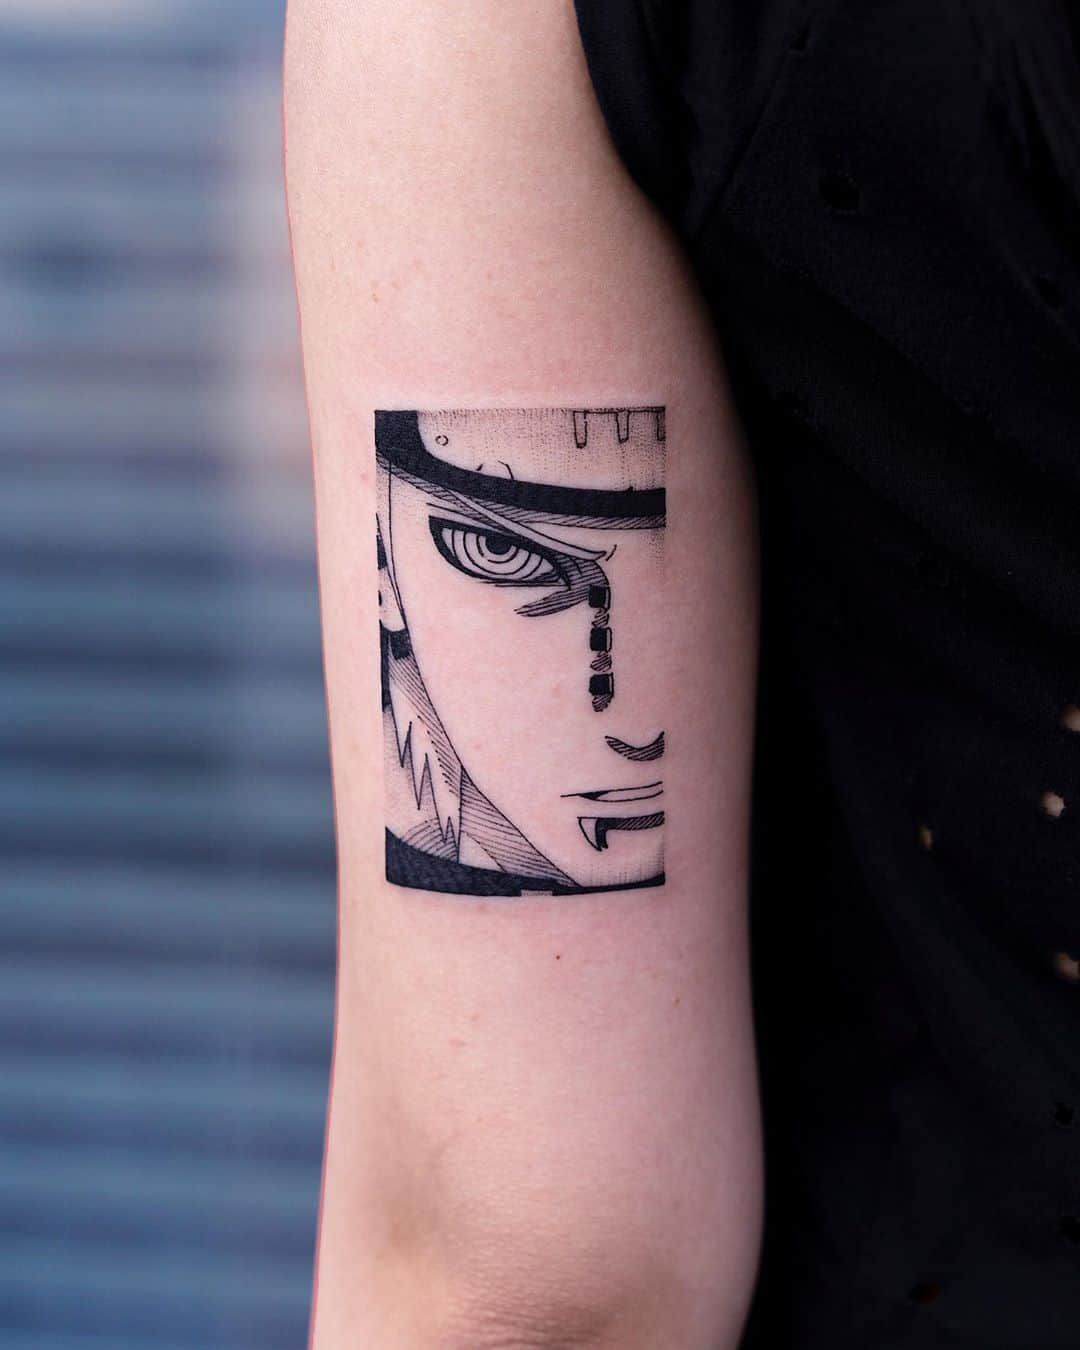 Tattoo Artist Oozy | South Korean tattoo artist Oozy | Tattoo | ARTWOONZ